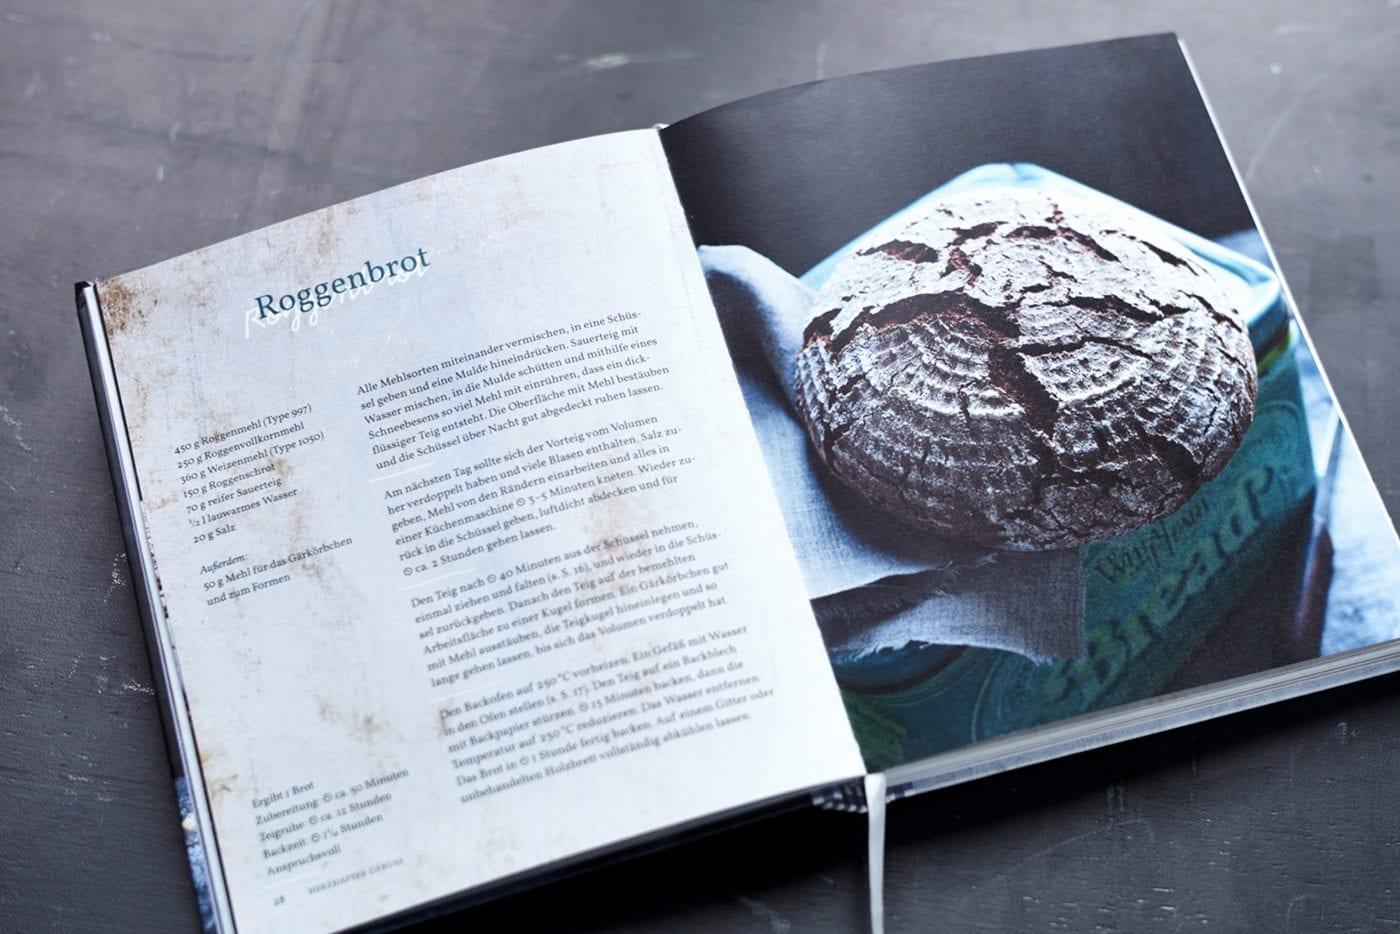 Brot geniessen_Einblick ins Buch